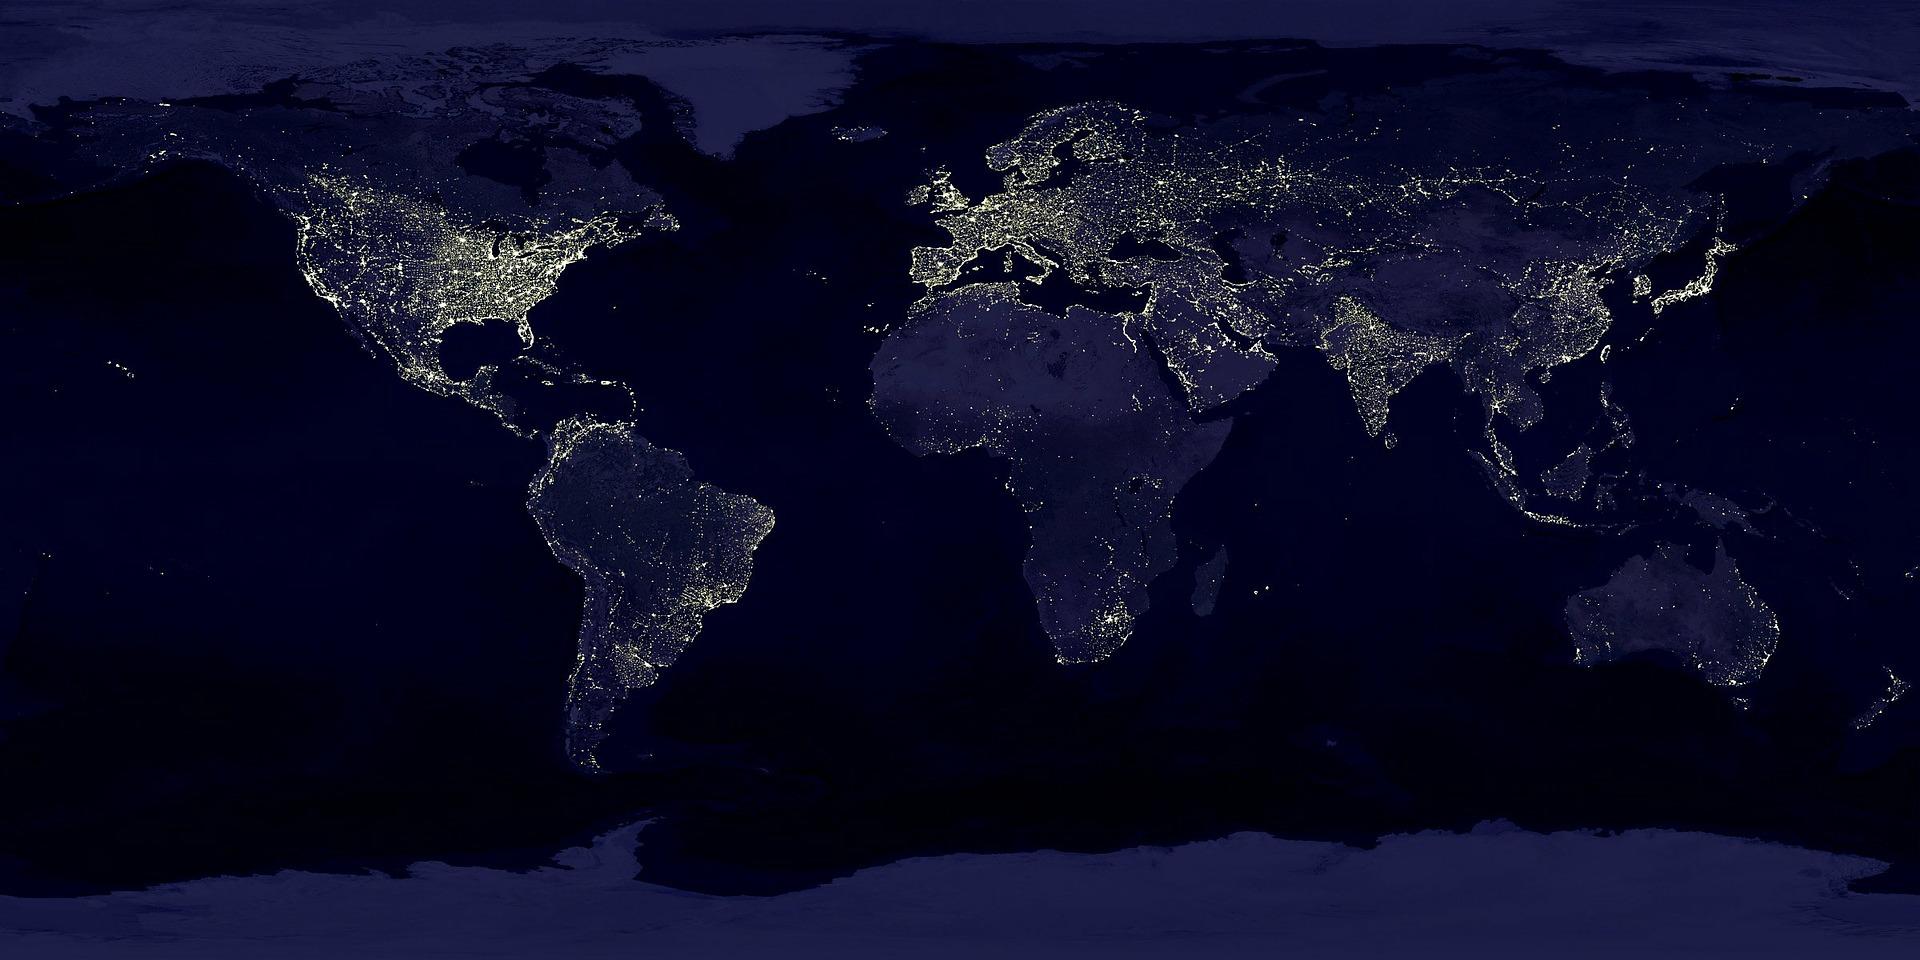 earth-11595-1920